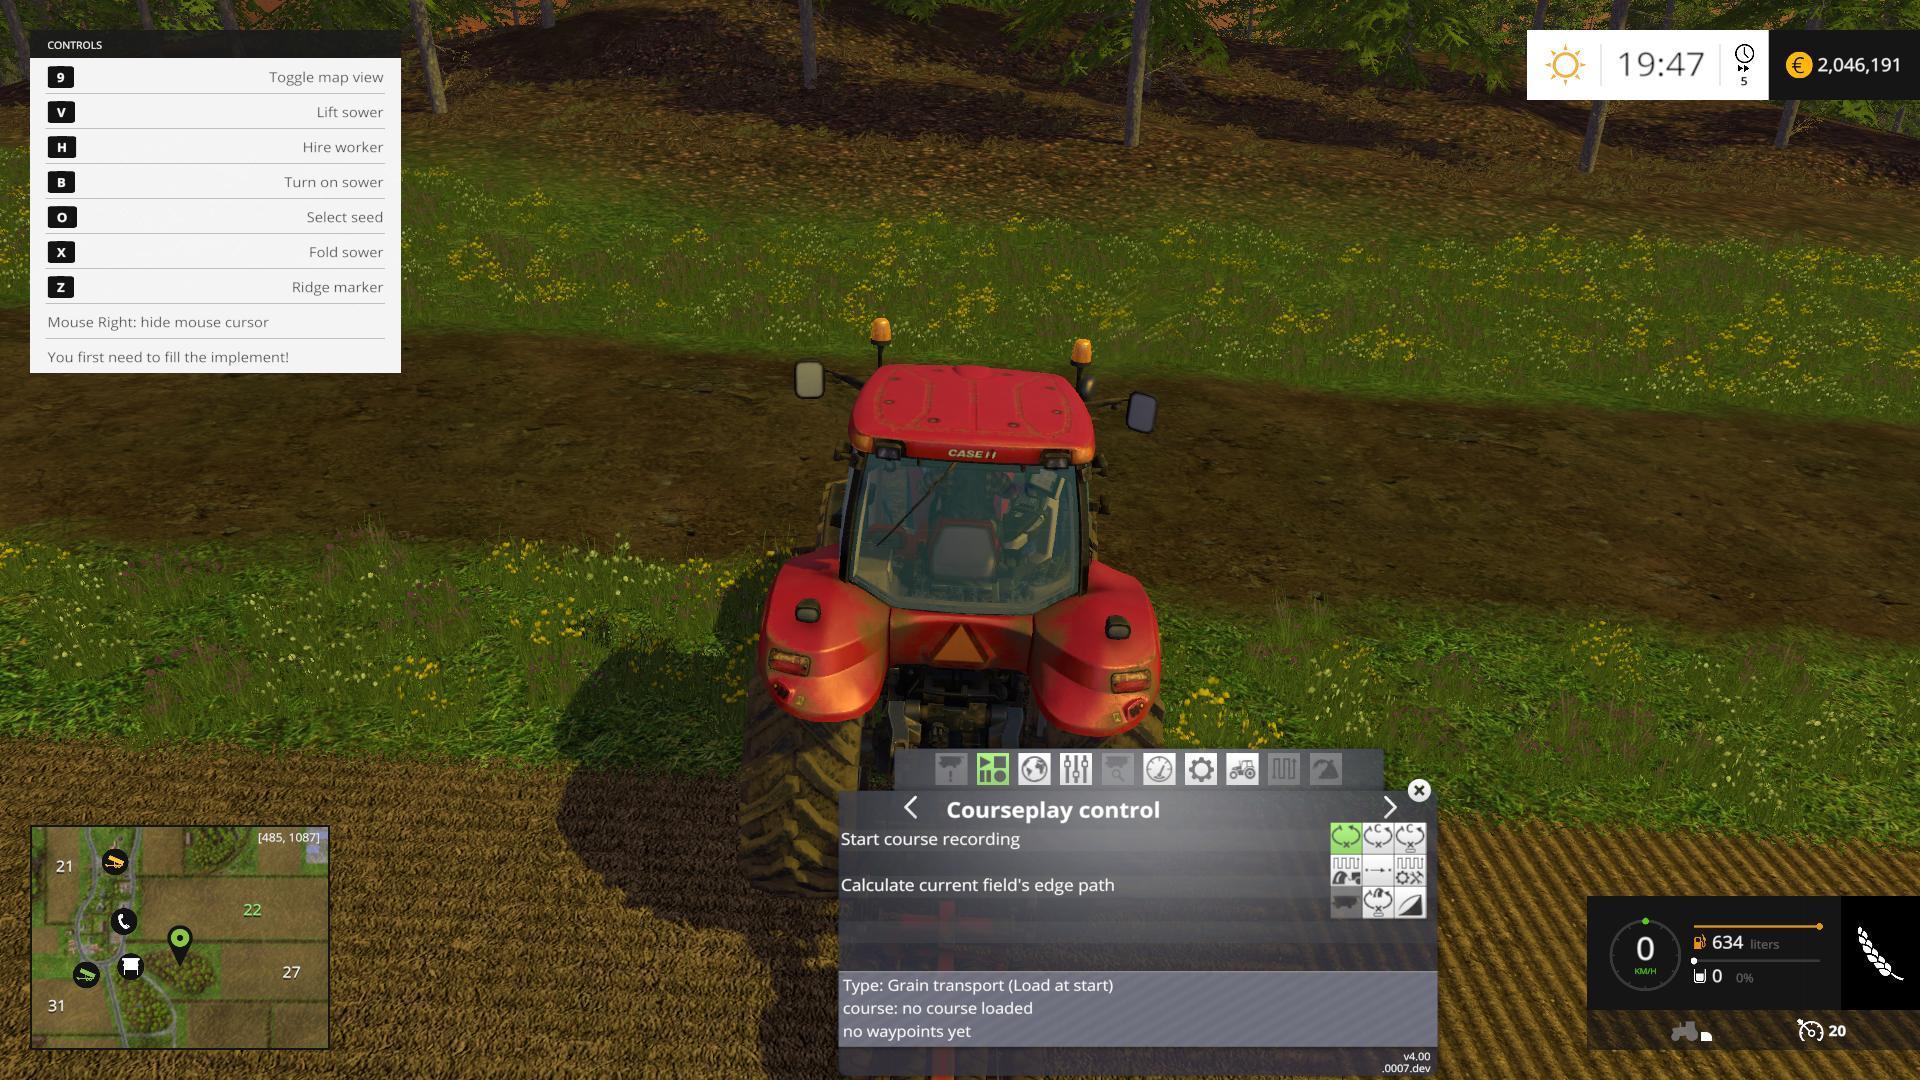 Courseplay V4 00 Beta For Fs 15 Farming Simulator 19 17 15 Mod